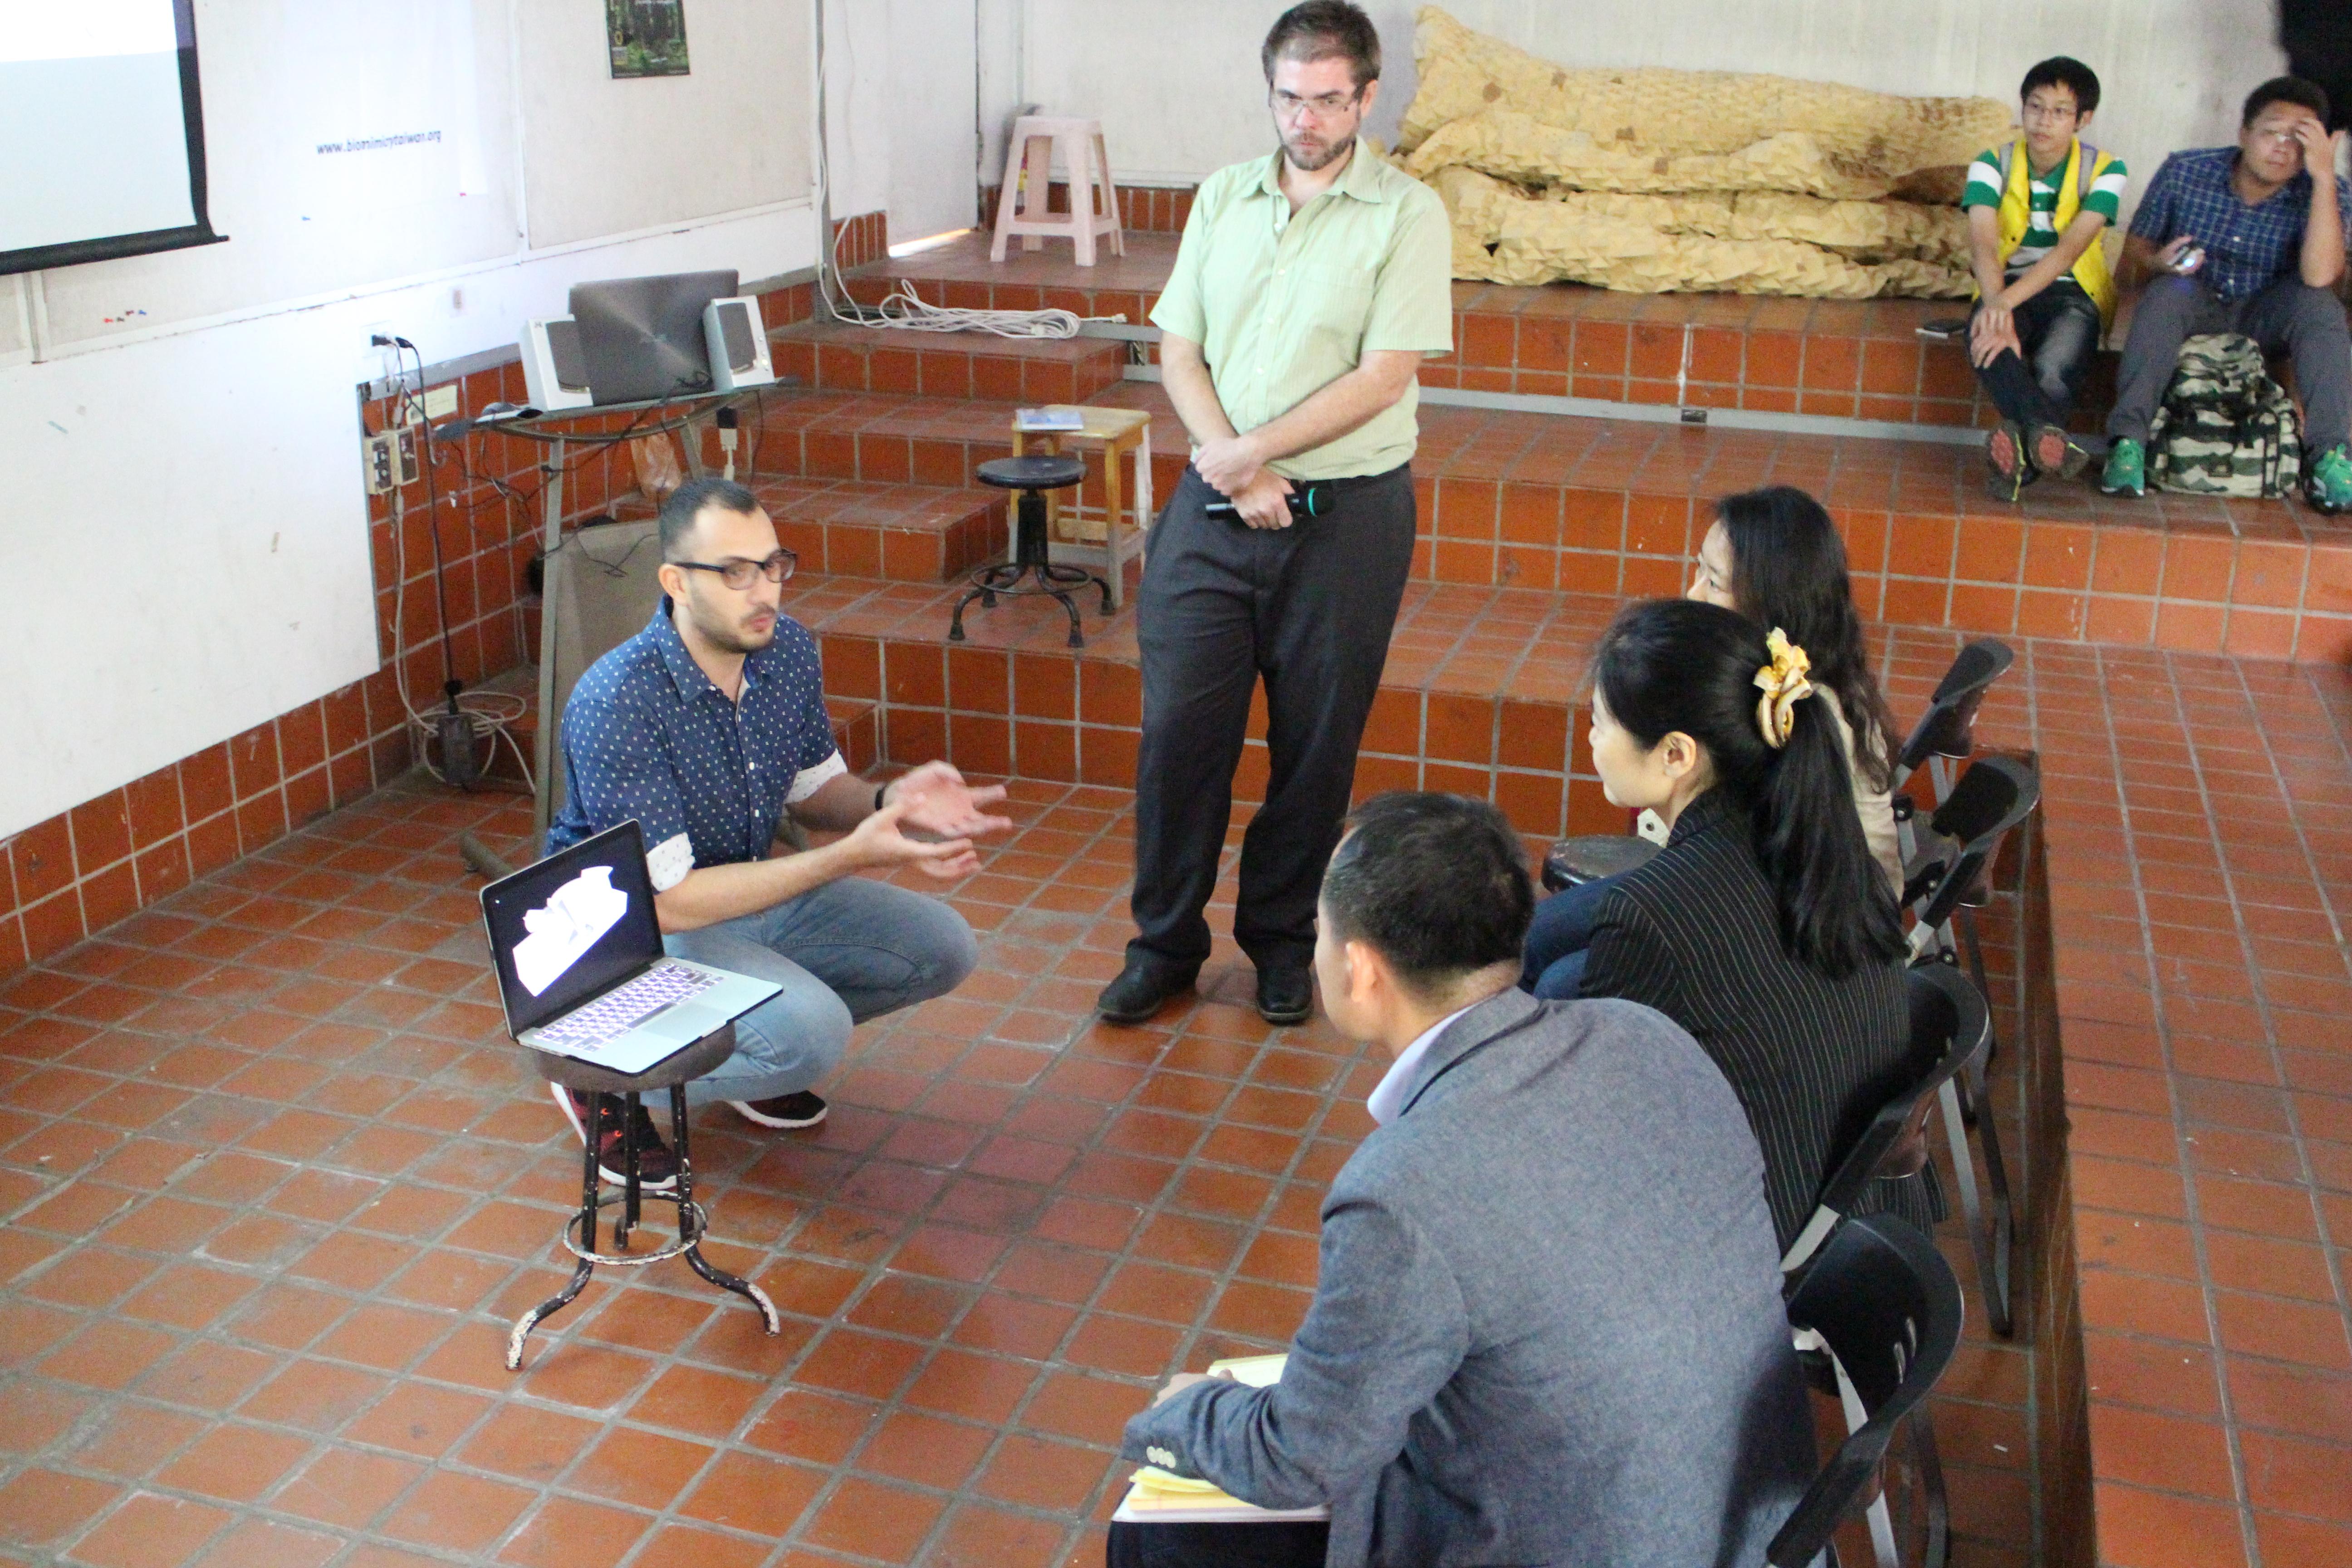 團隊藉由公開討論彼此學習